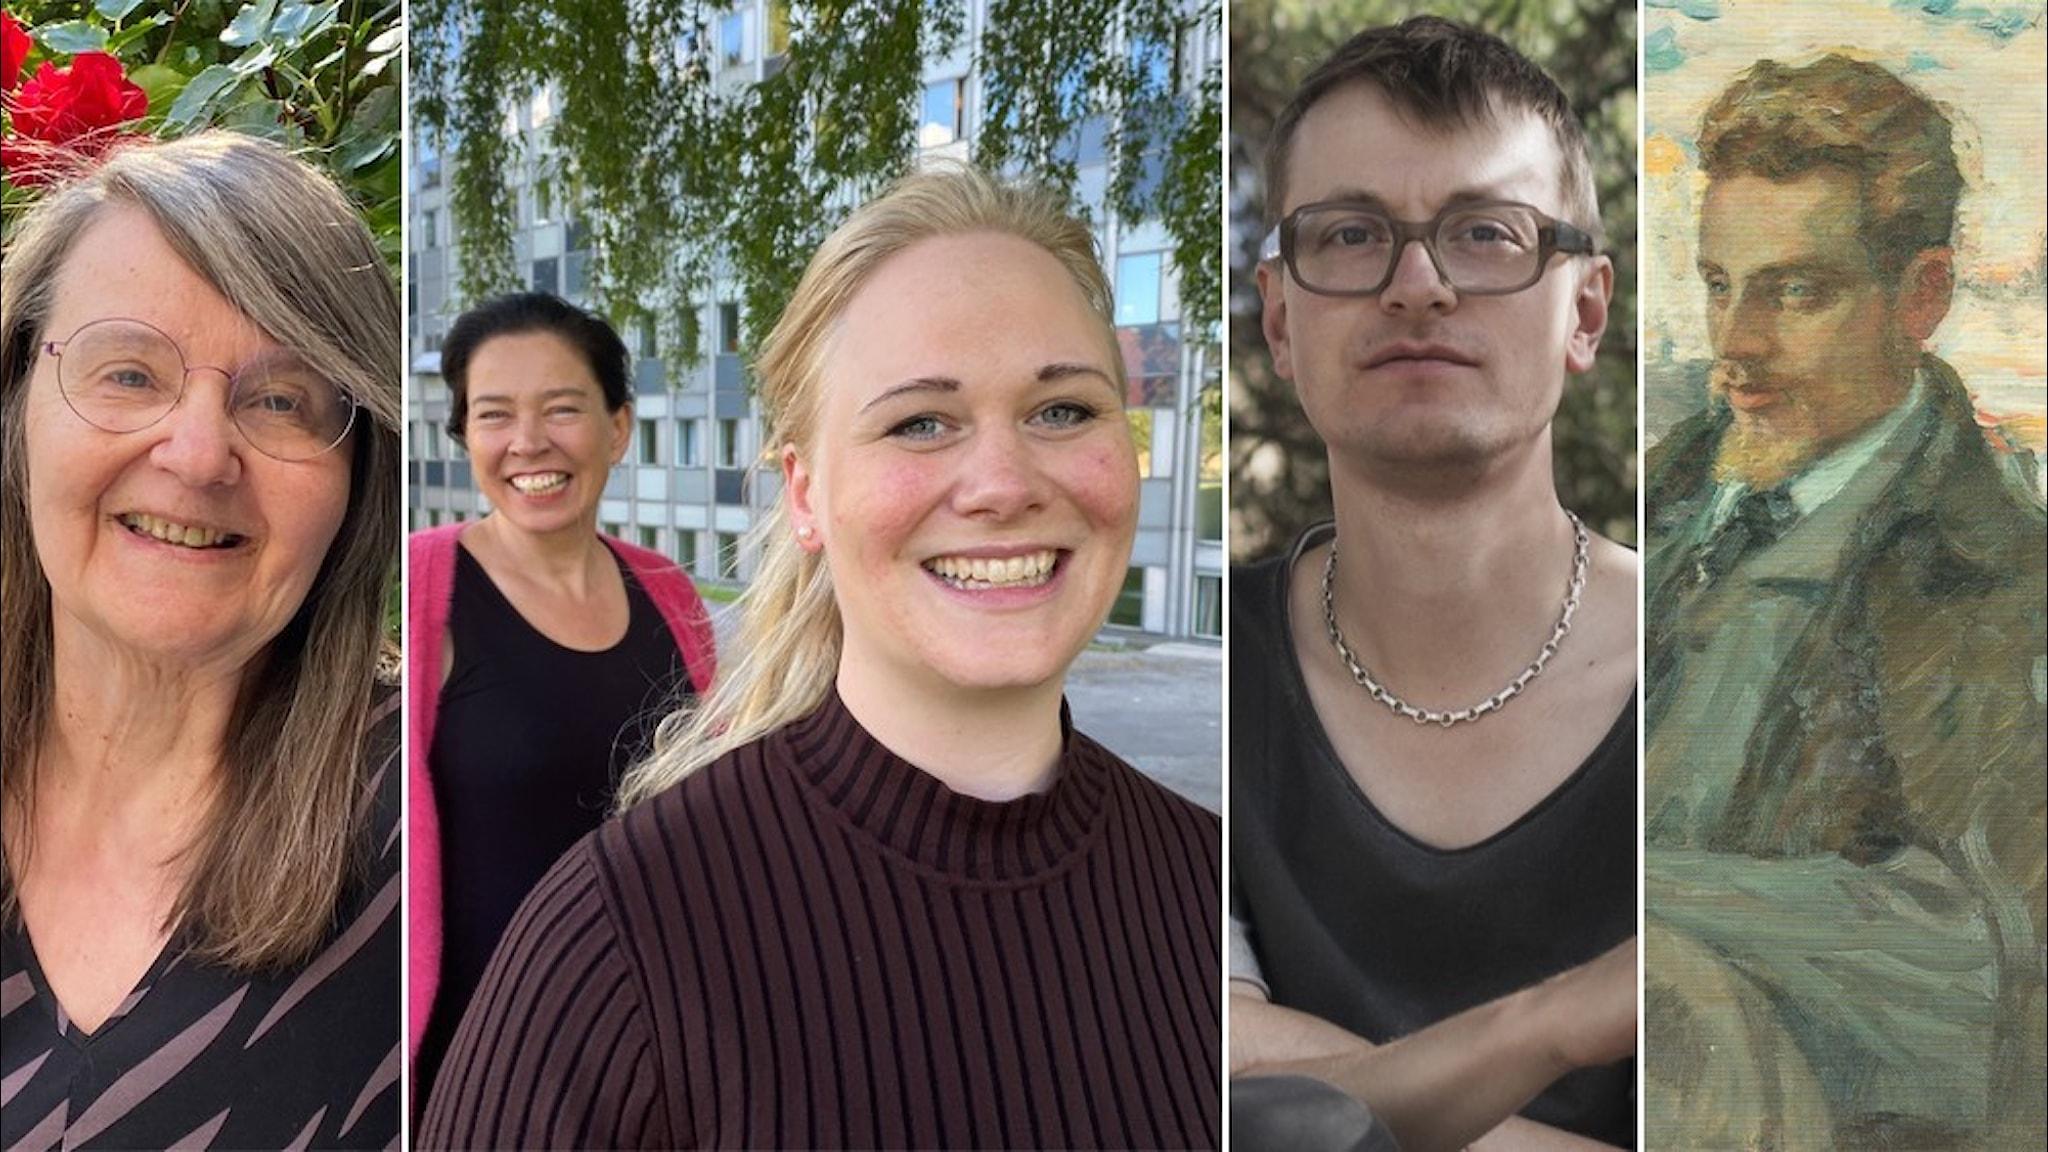 Fotomontage: Eva Ström, Marie Lundström, Katarina O'Nils Franke, Malte Persson och Rilke själv, avmålad, ej foto..